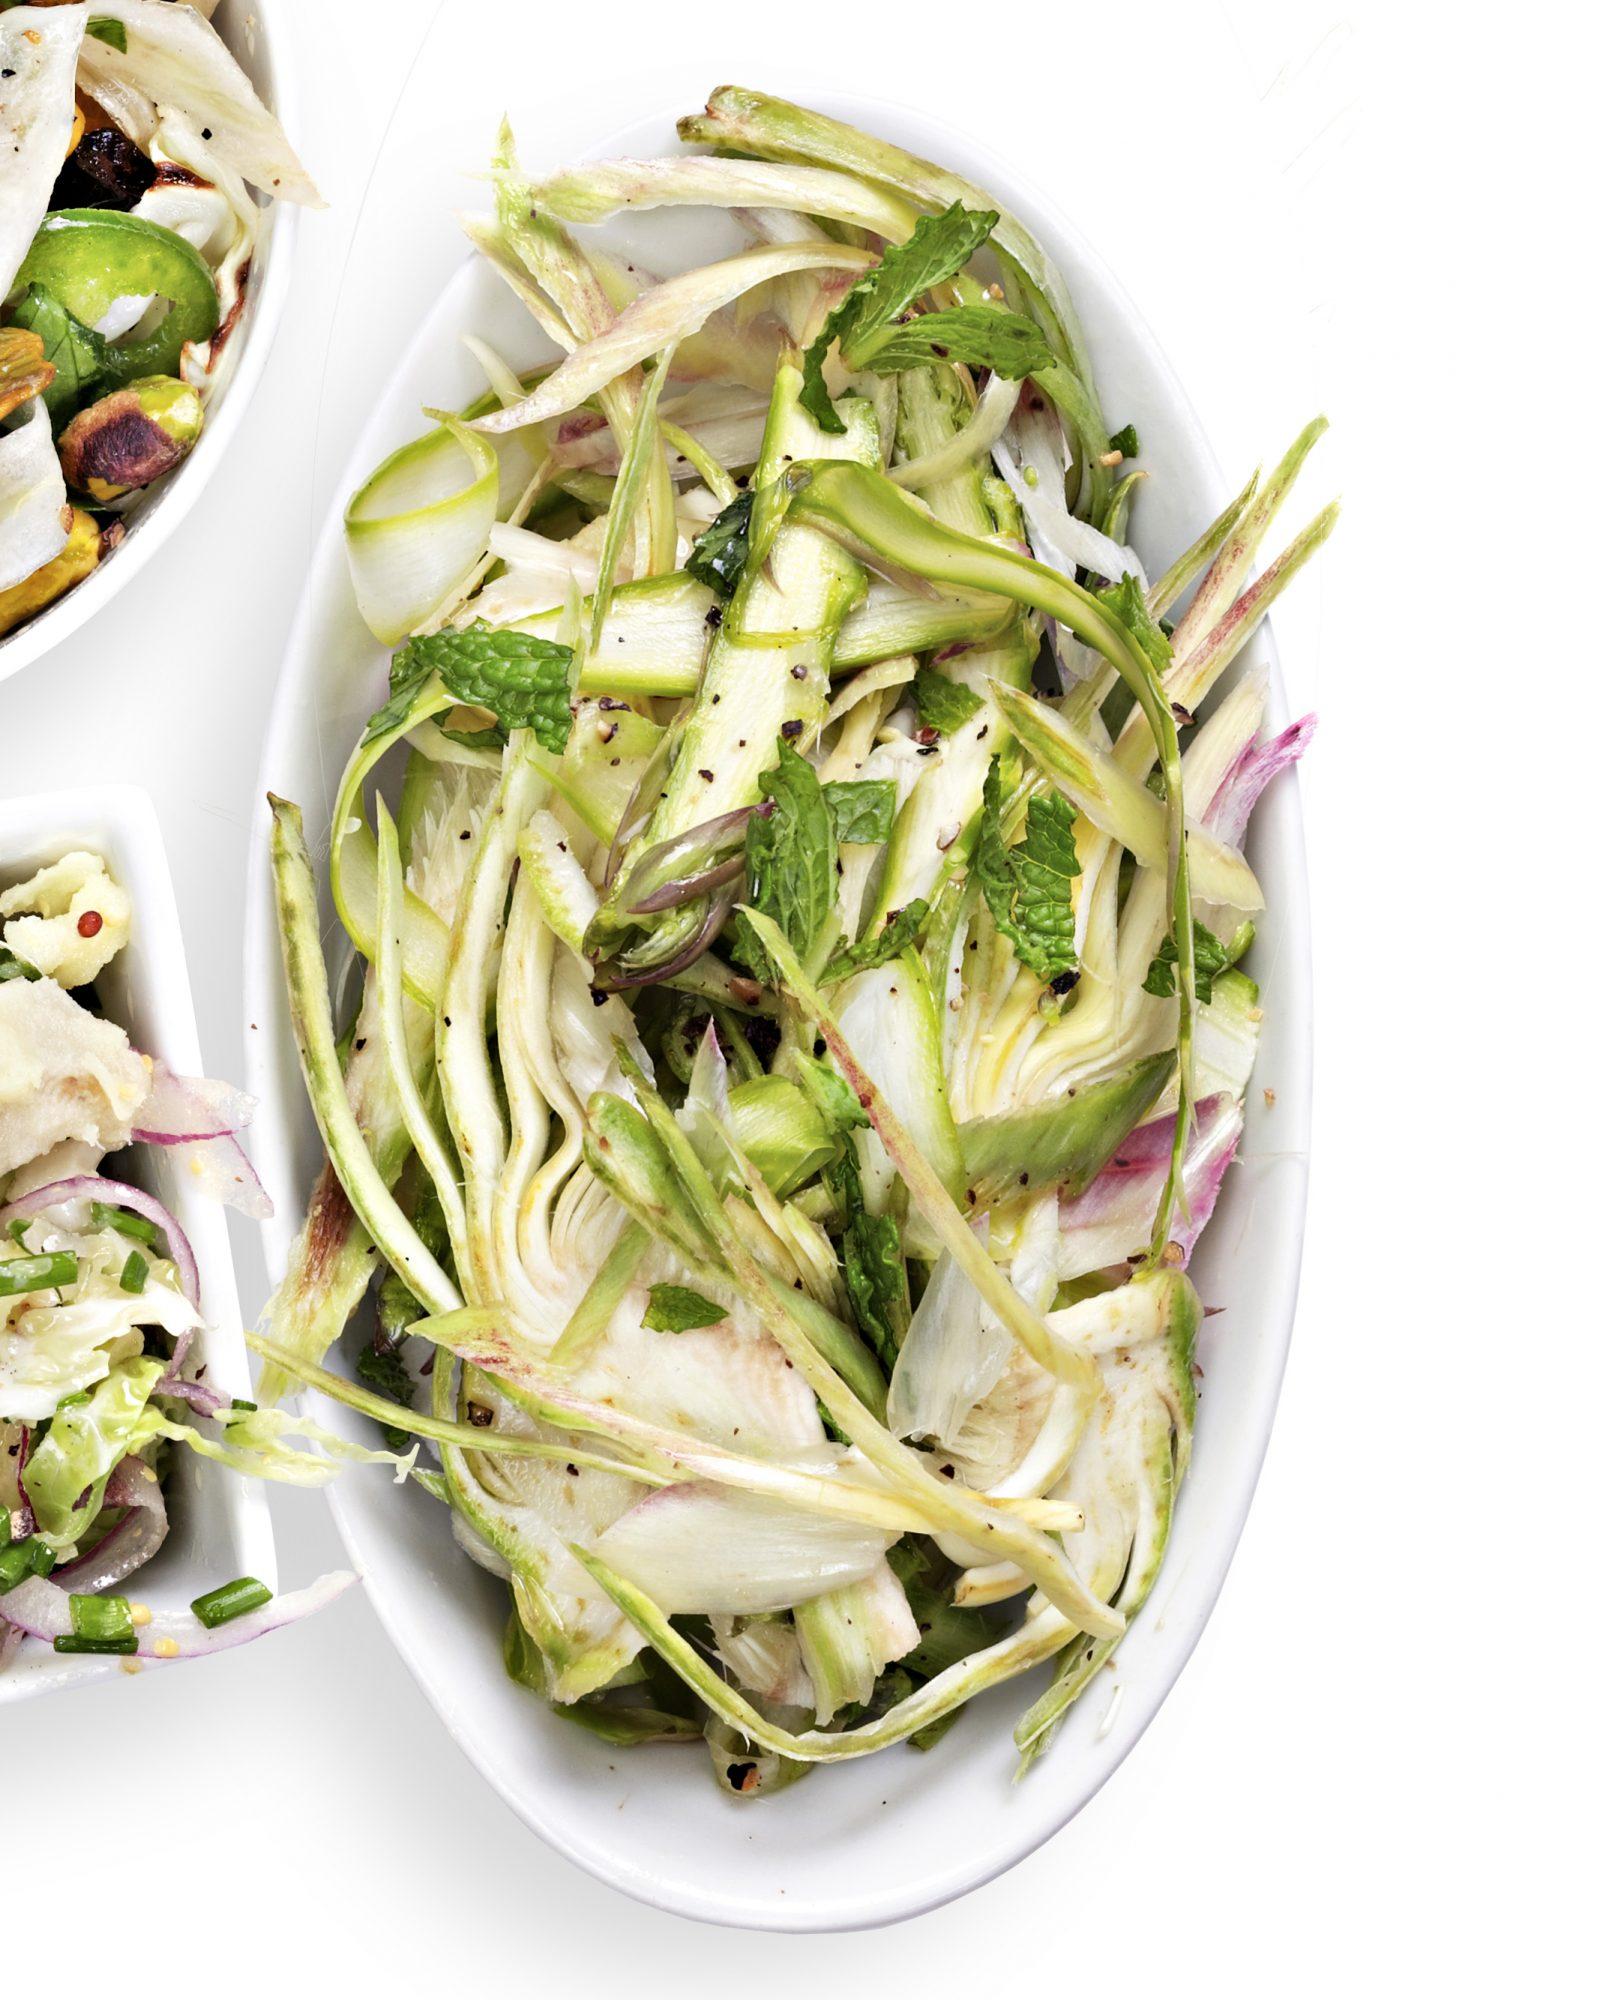 spring greens coleslaw